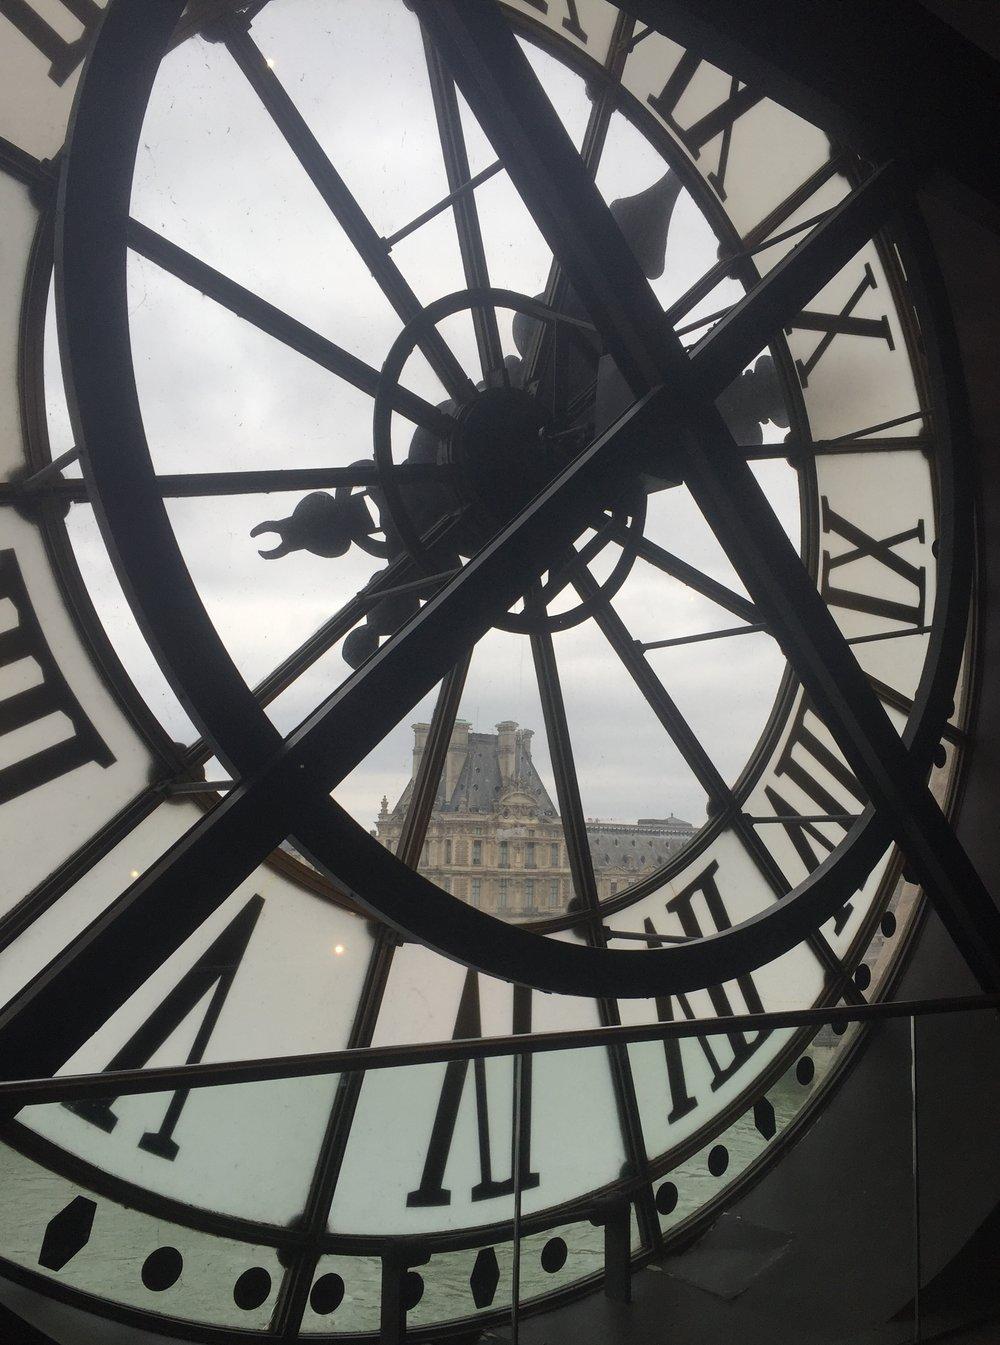 Vue sur le Louvre de la Musée d'Orsay. Photo by Allison Girard, 2017.